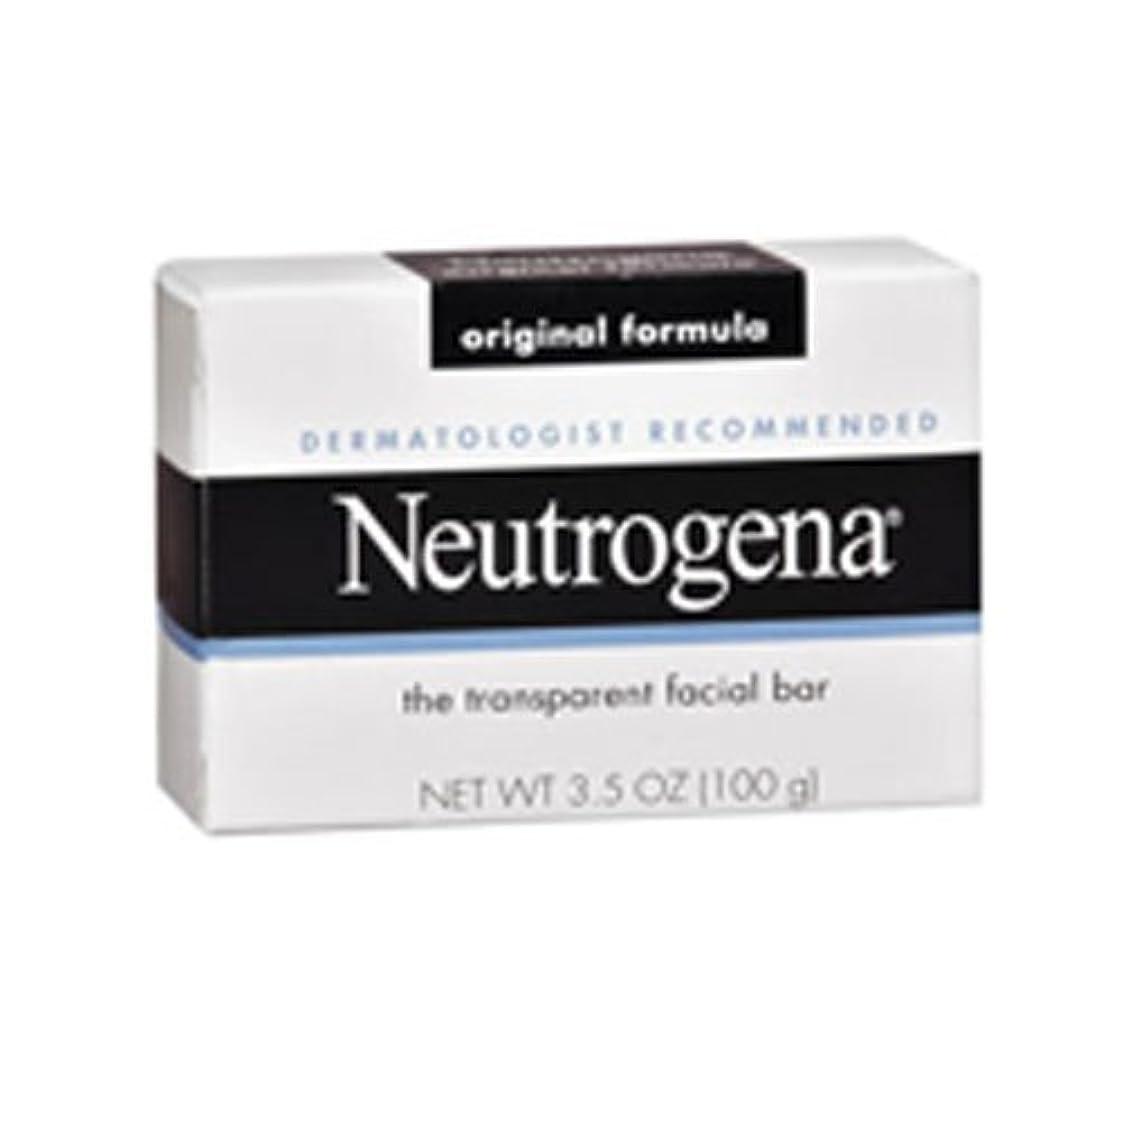 砂漠チチカカ湖市の中心部海外直送肘 Neutrogena Transparent Facial Soap Bar, 3.5 oz